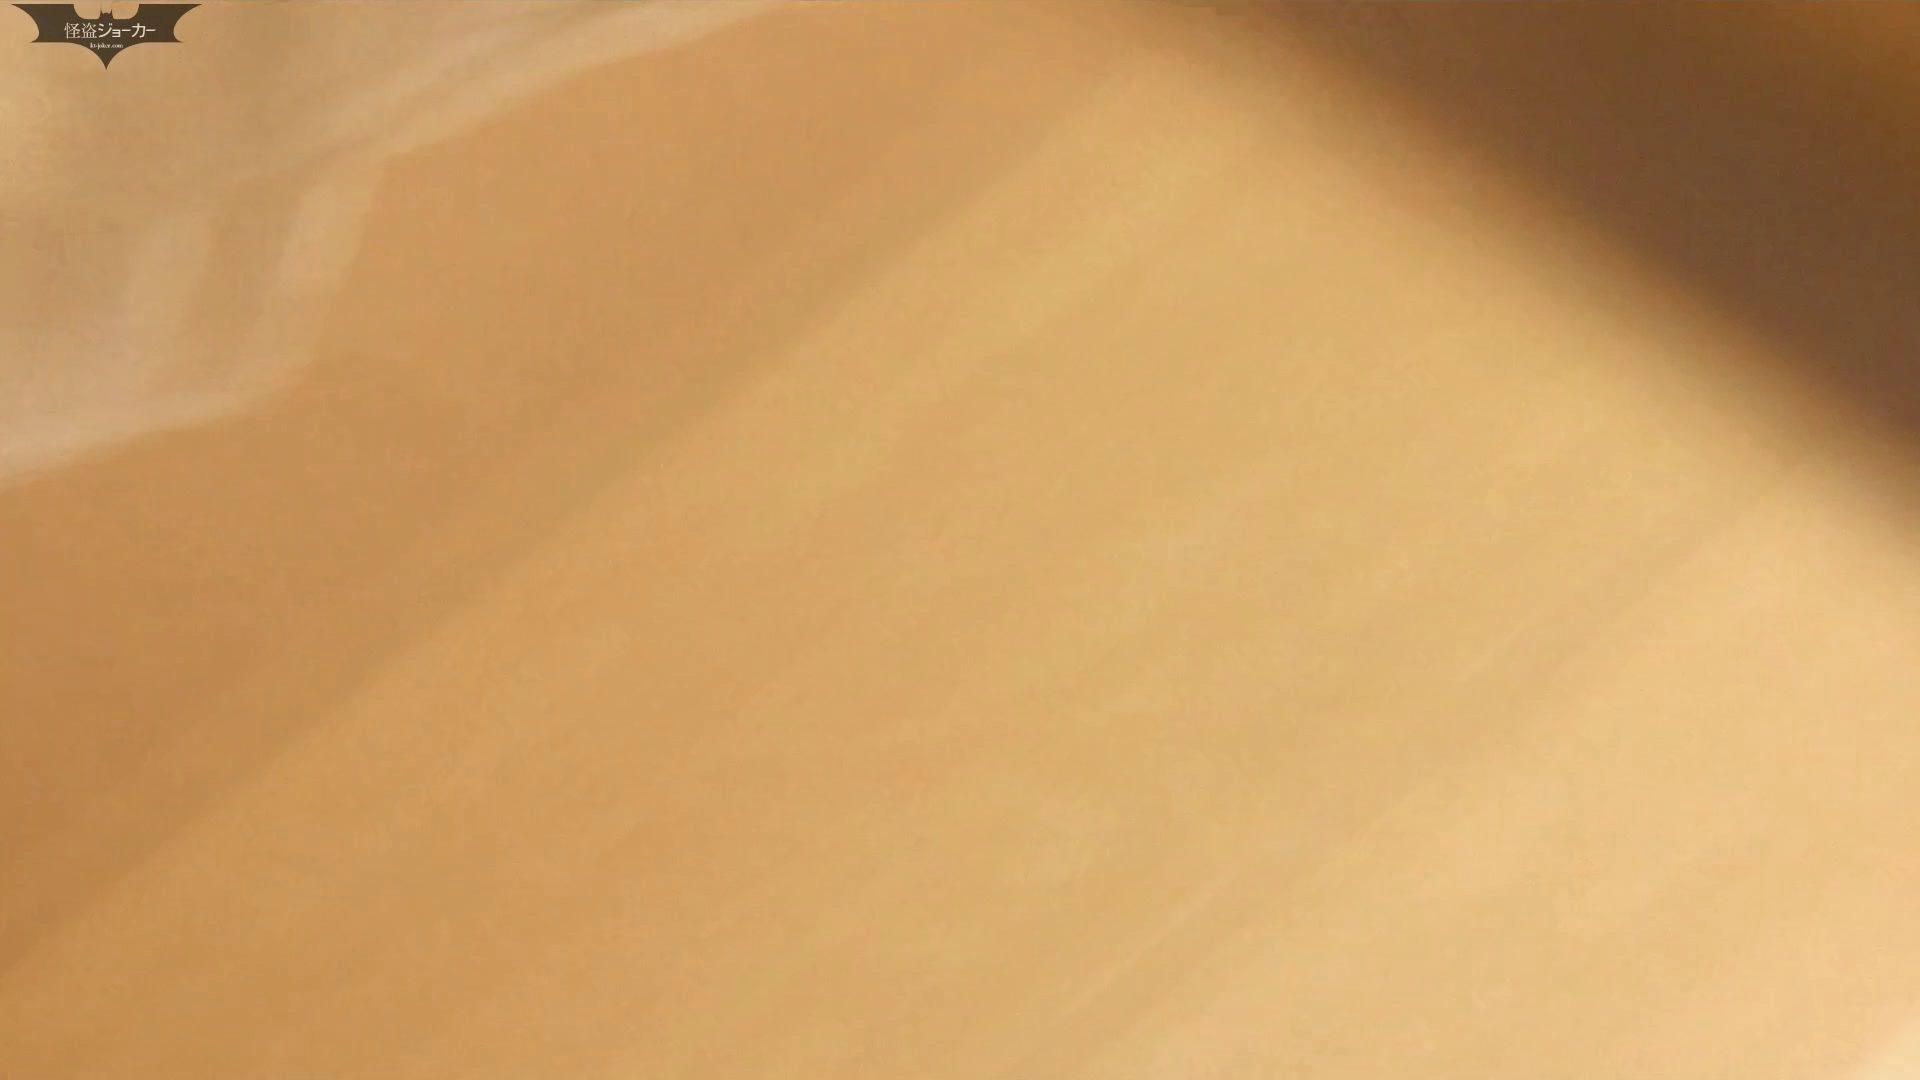 阿国ちゃんの和式洋式七変化 Vol.25 ん?突起物が・・・。 洗面所 | 和式でハメ撮り  55pic 43